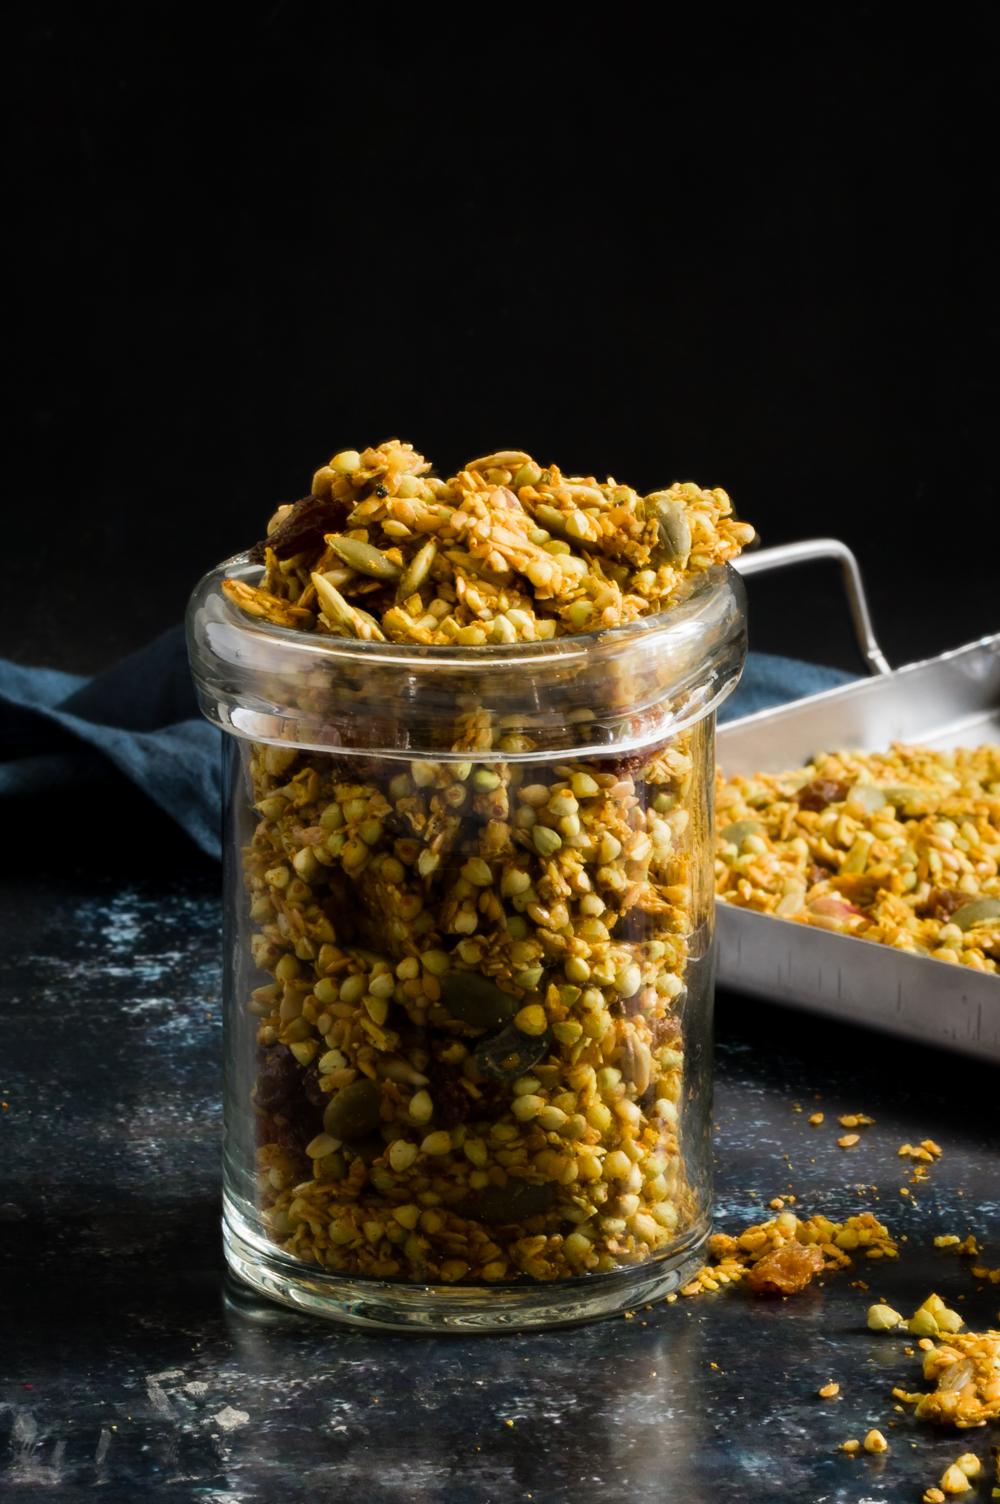 Rawnola - granola härligt gul och smakrik